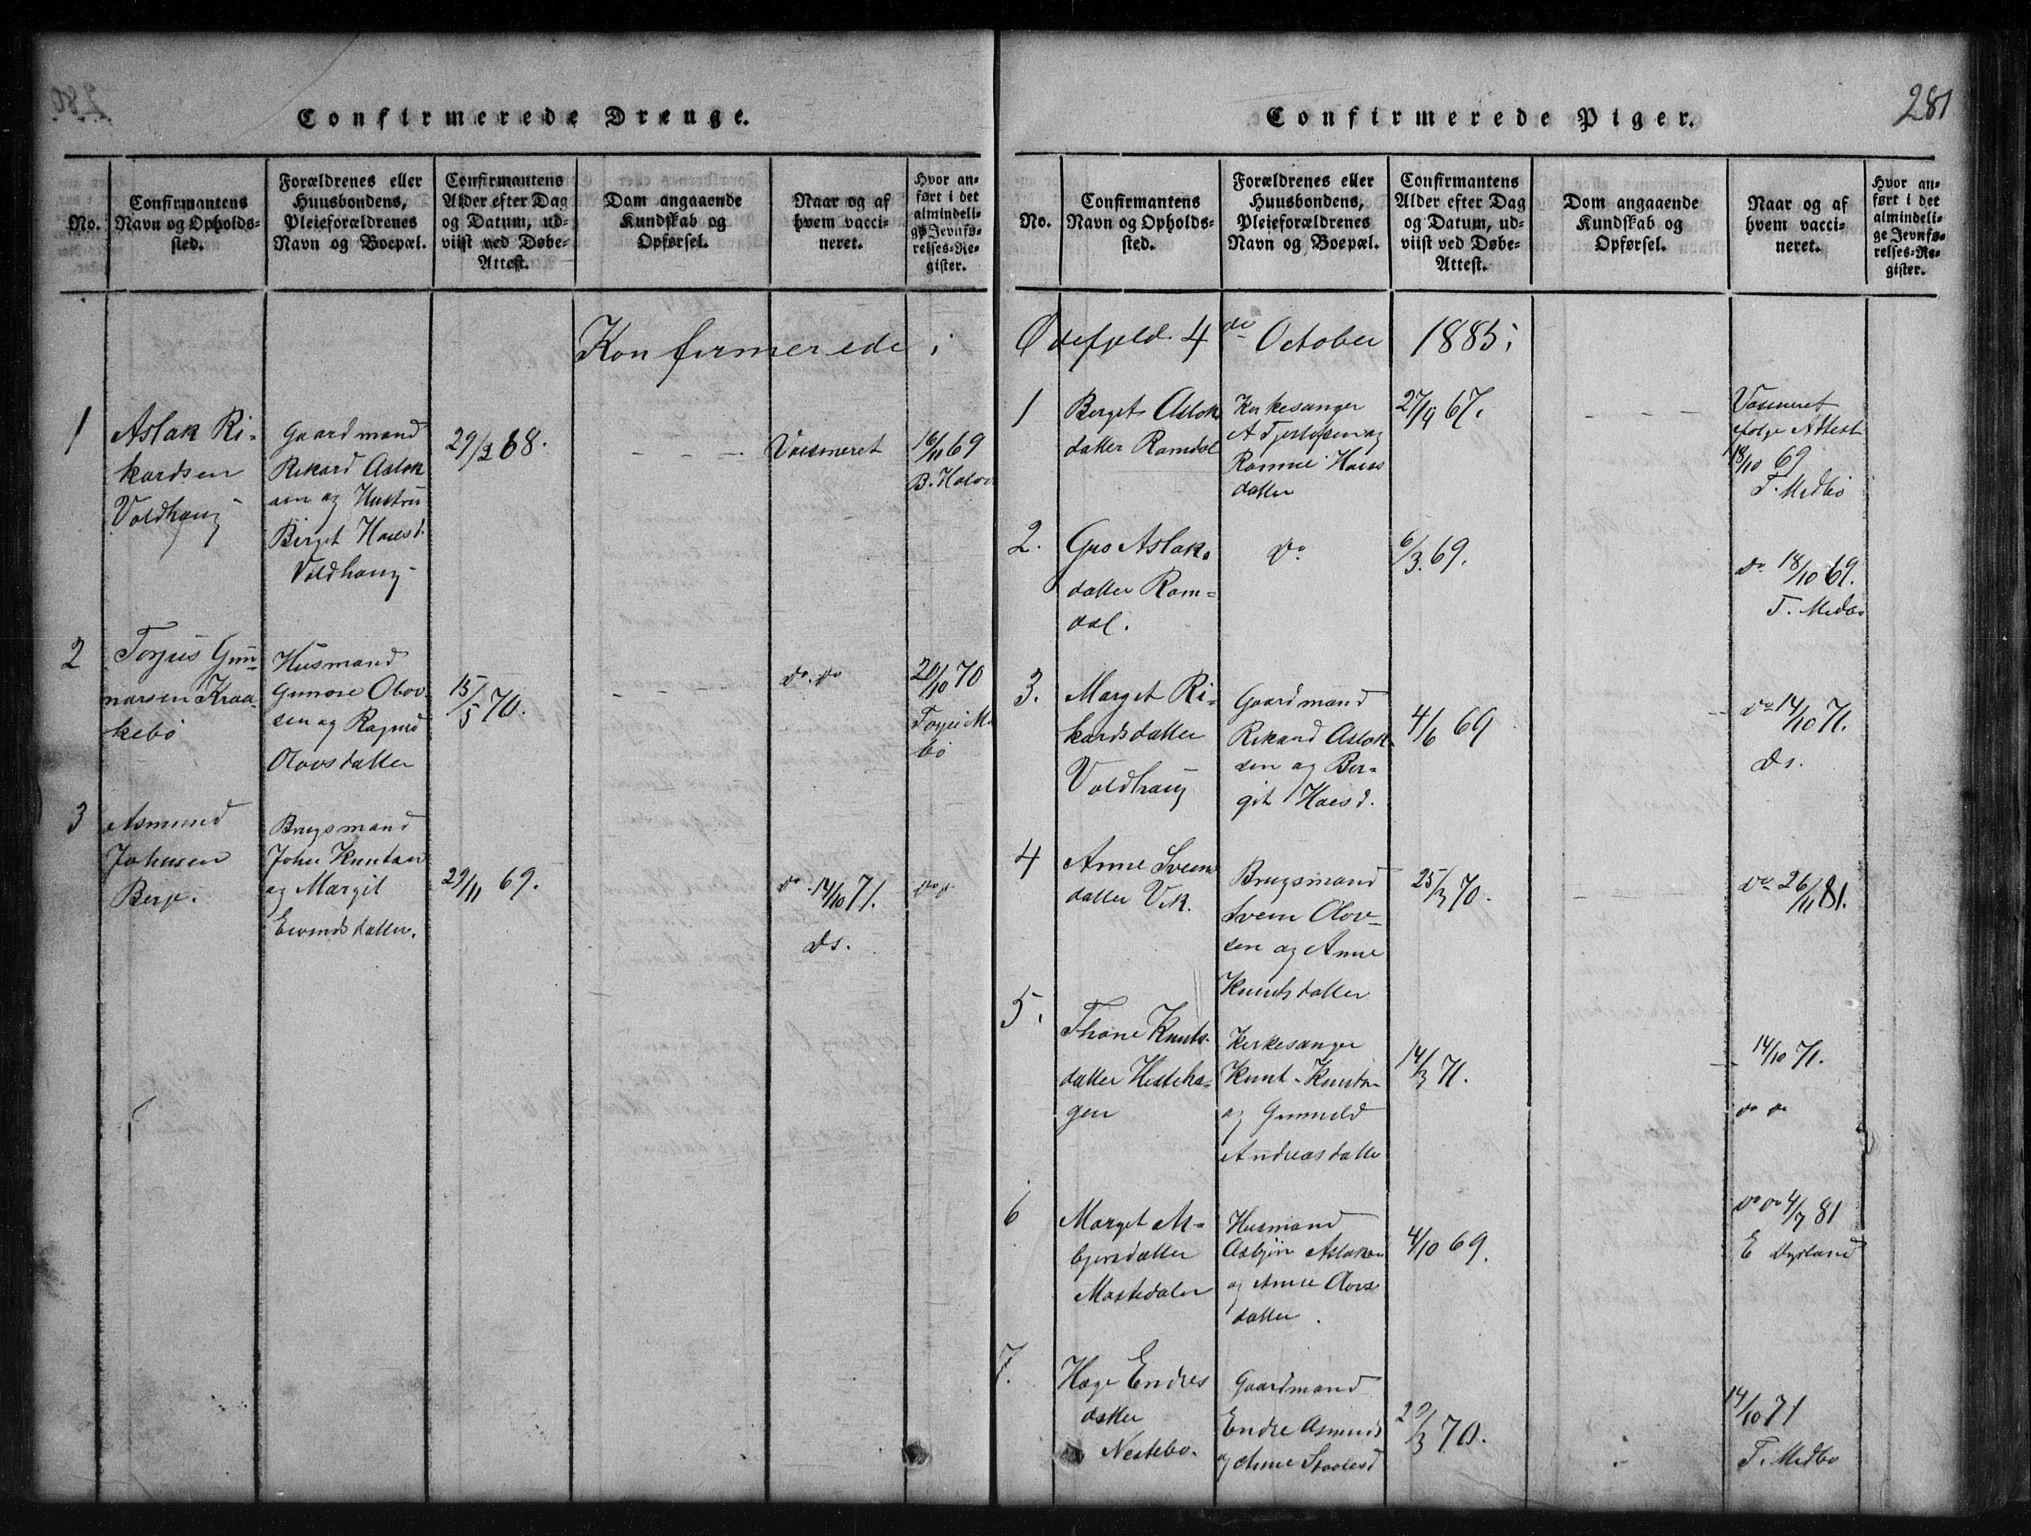 SAKO, Rauland kirkebøker, G/Gb/L0001: Klokkerbok nr. II 1, 1815-1886, s. 281